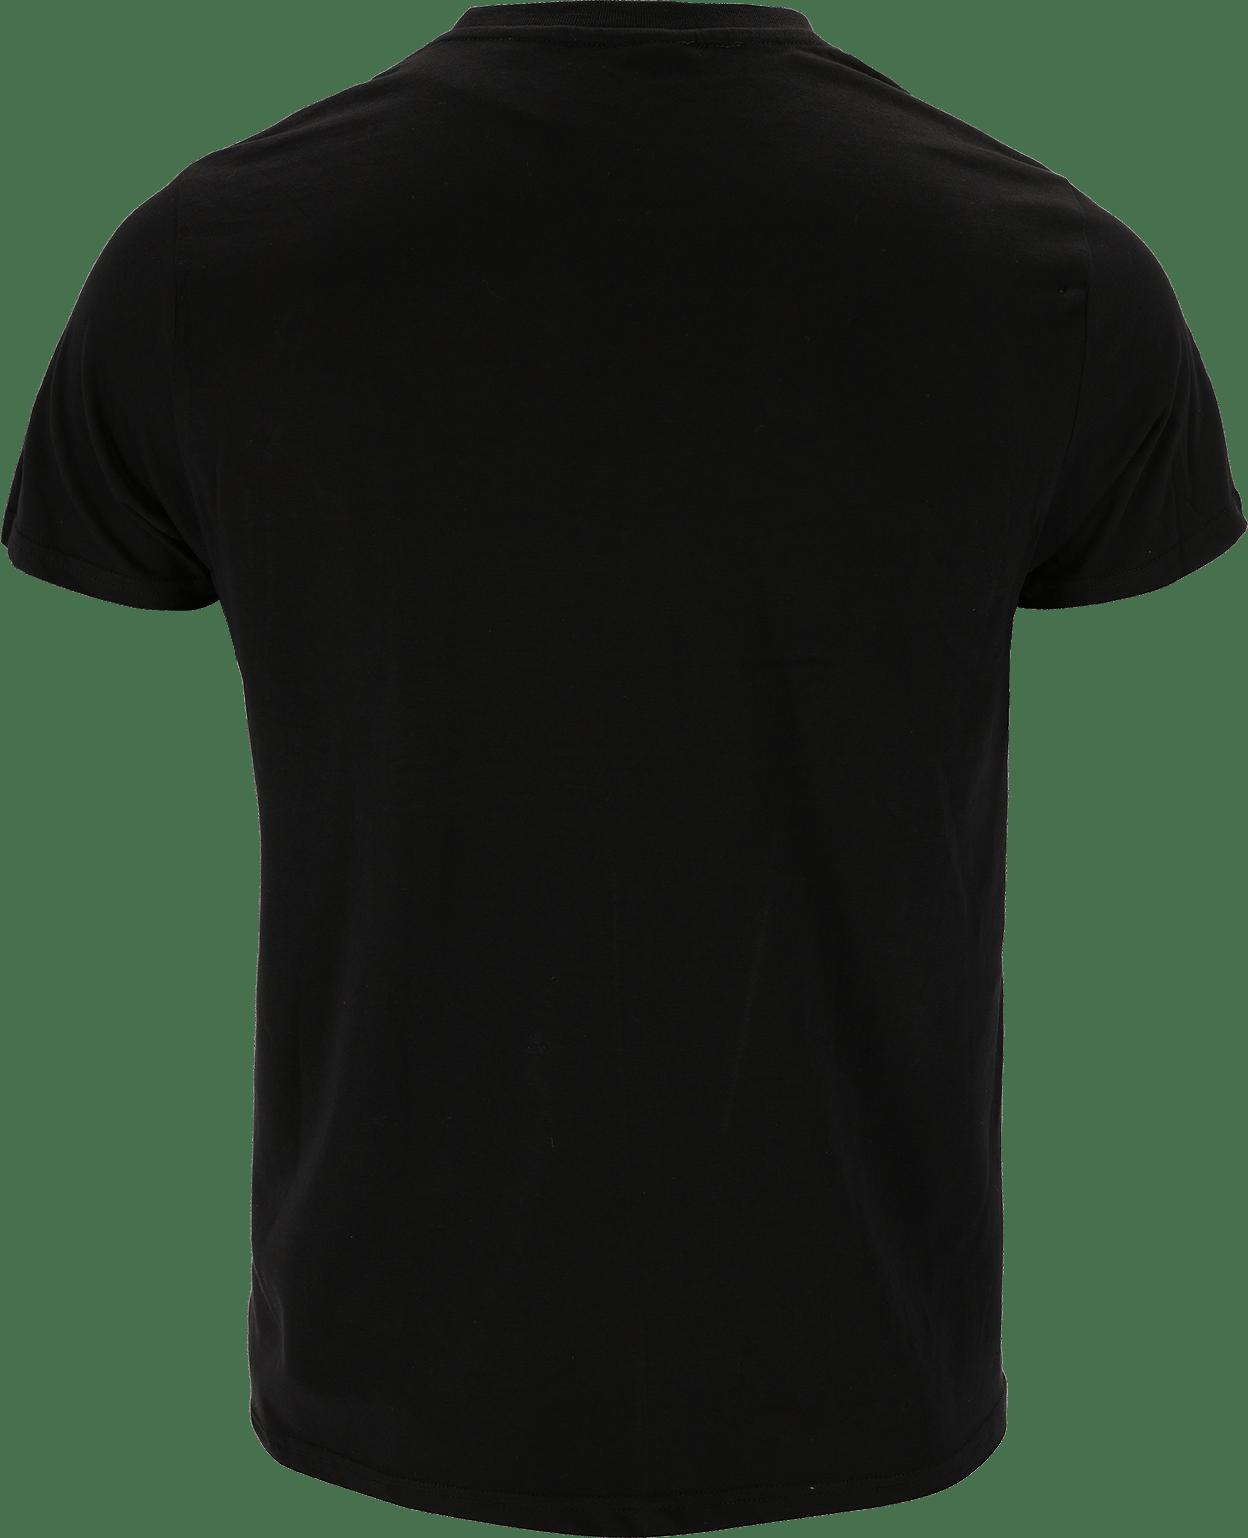 T-Shirt Paderborn